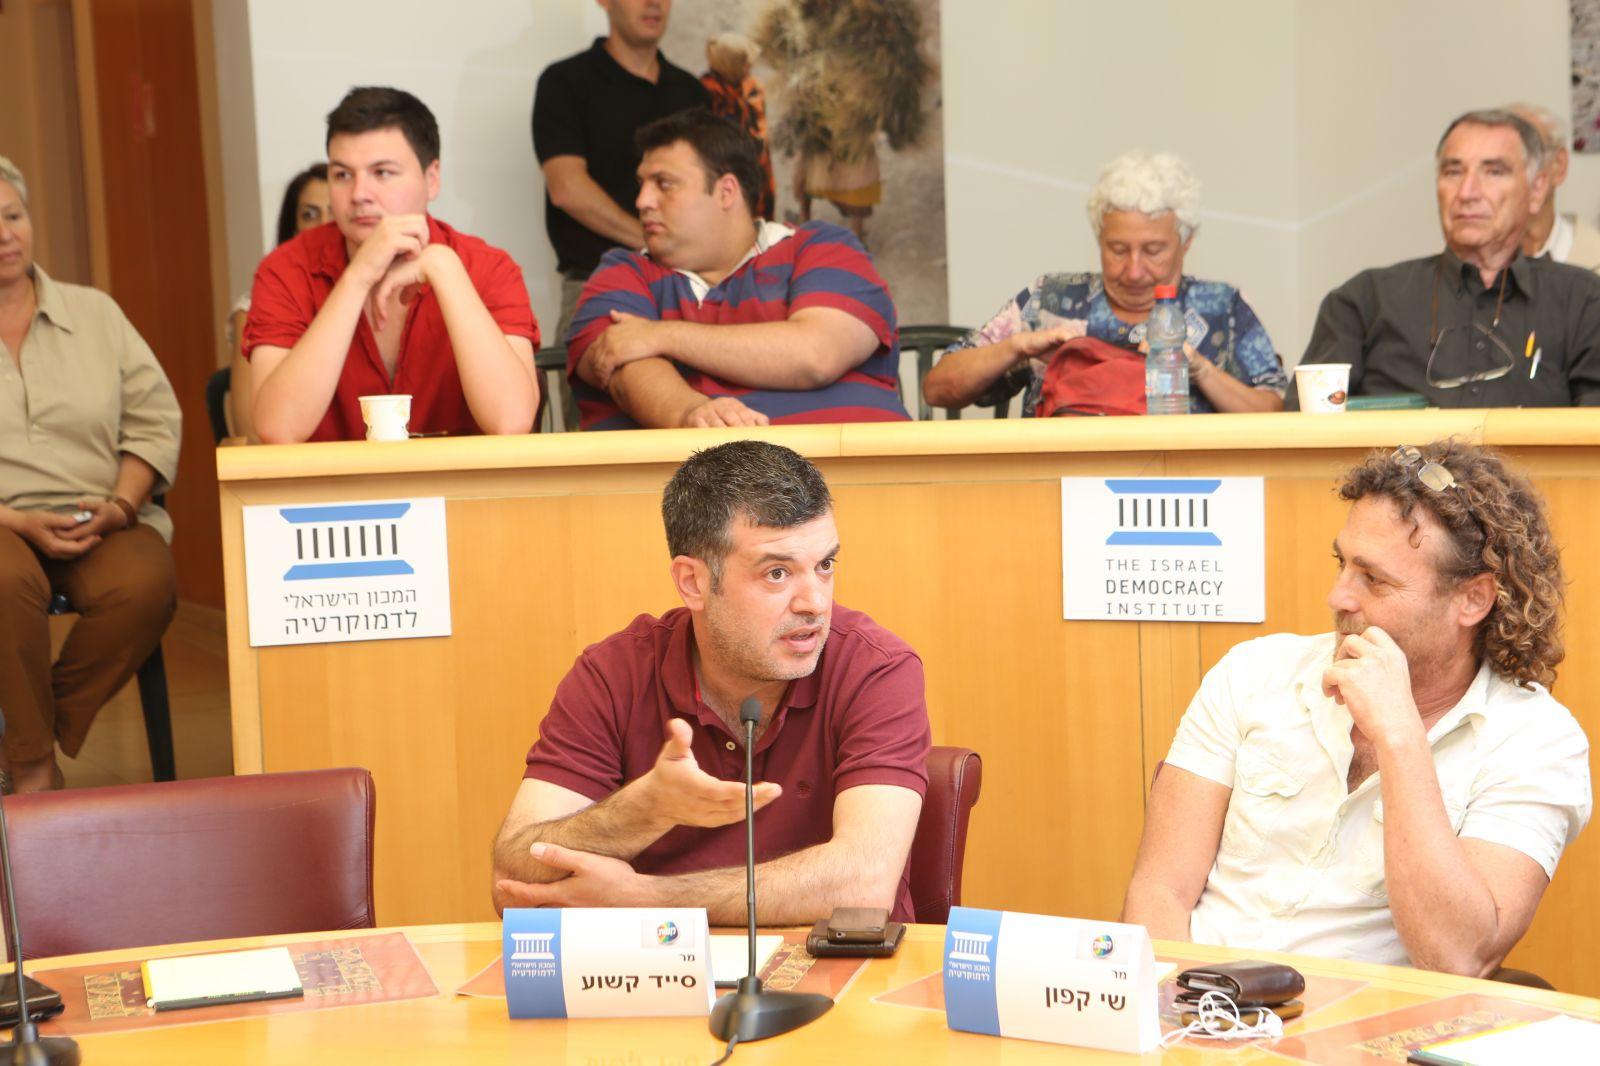 סייד קשוע (משמאל) ושי קפון. המכון הישראלי לדמוקרטיה, 22.7.13 (צילום: יוסי זמיר)